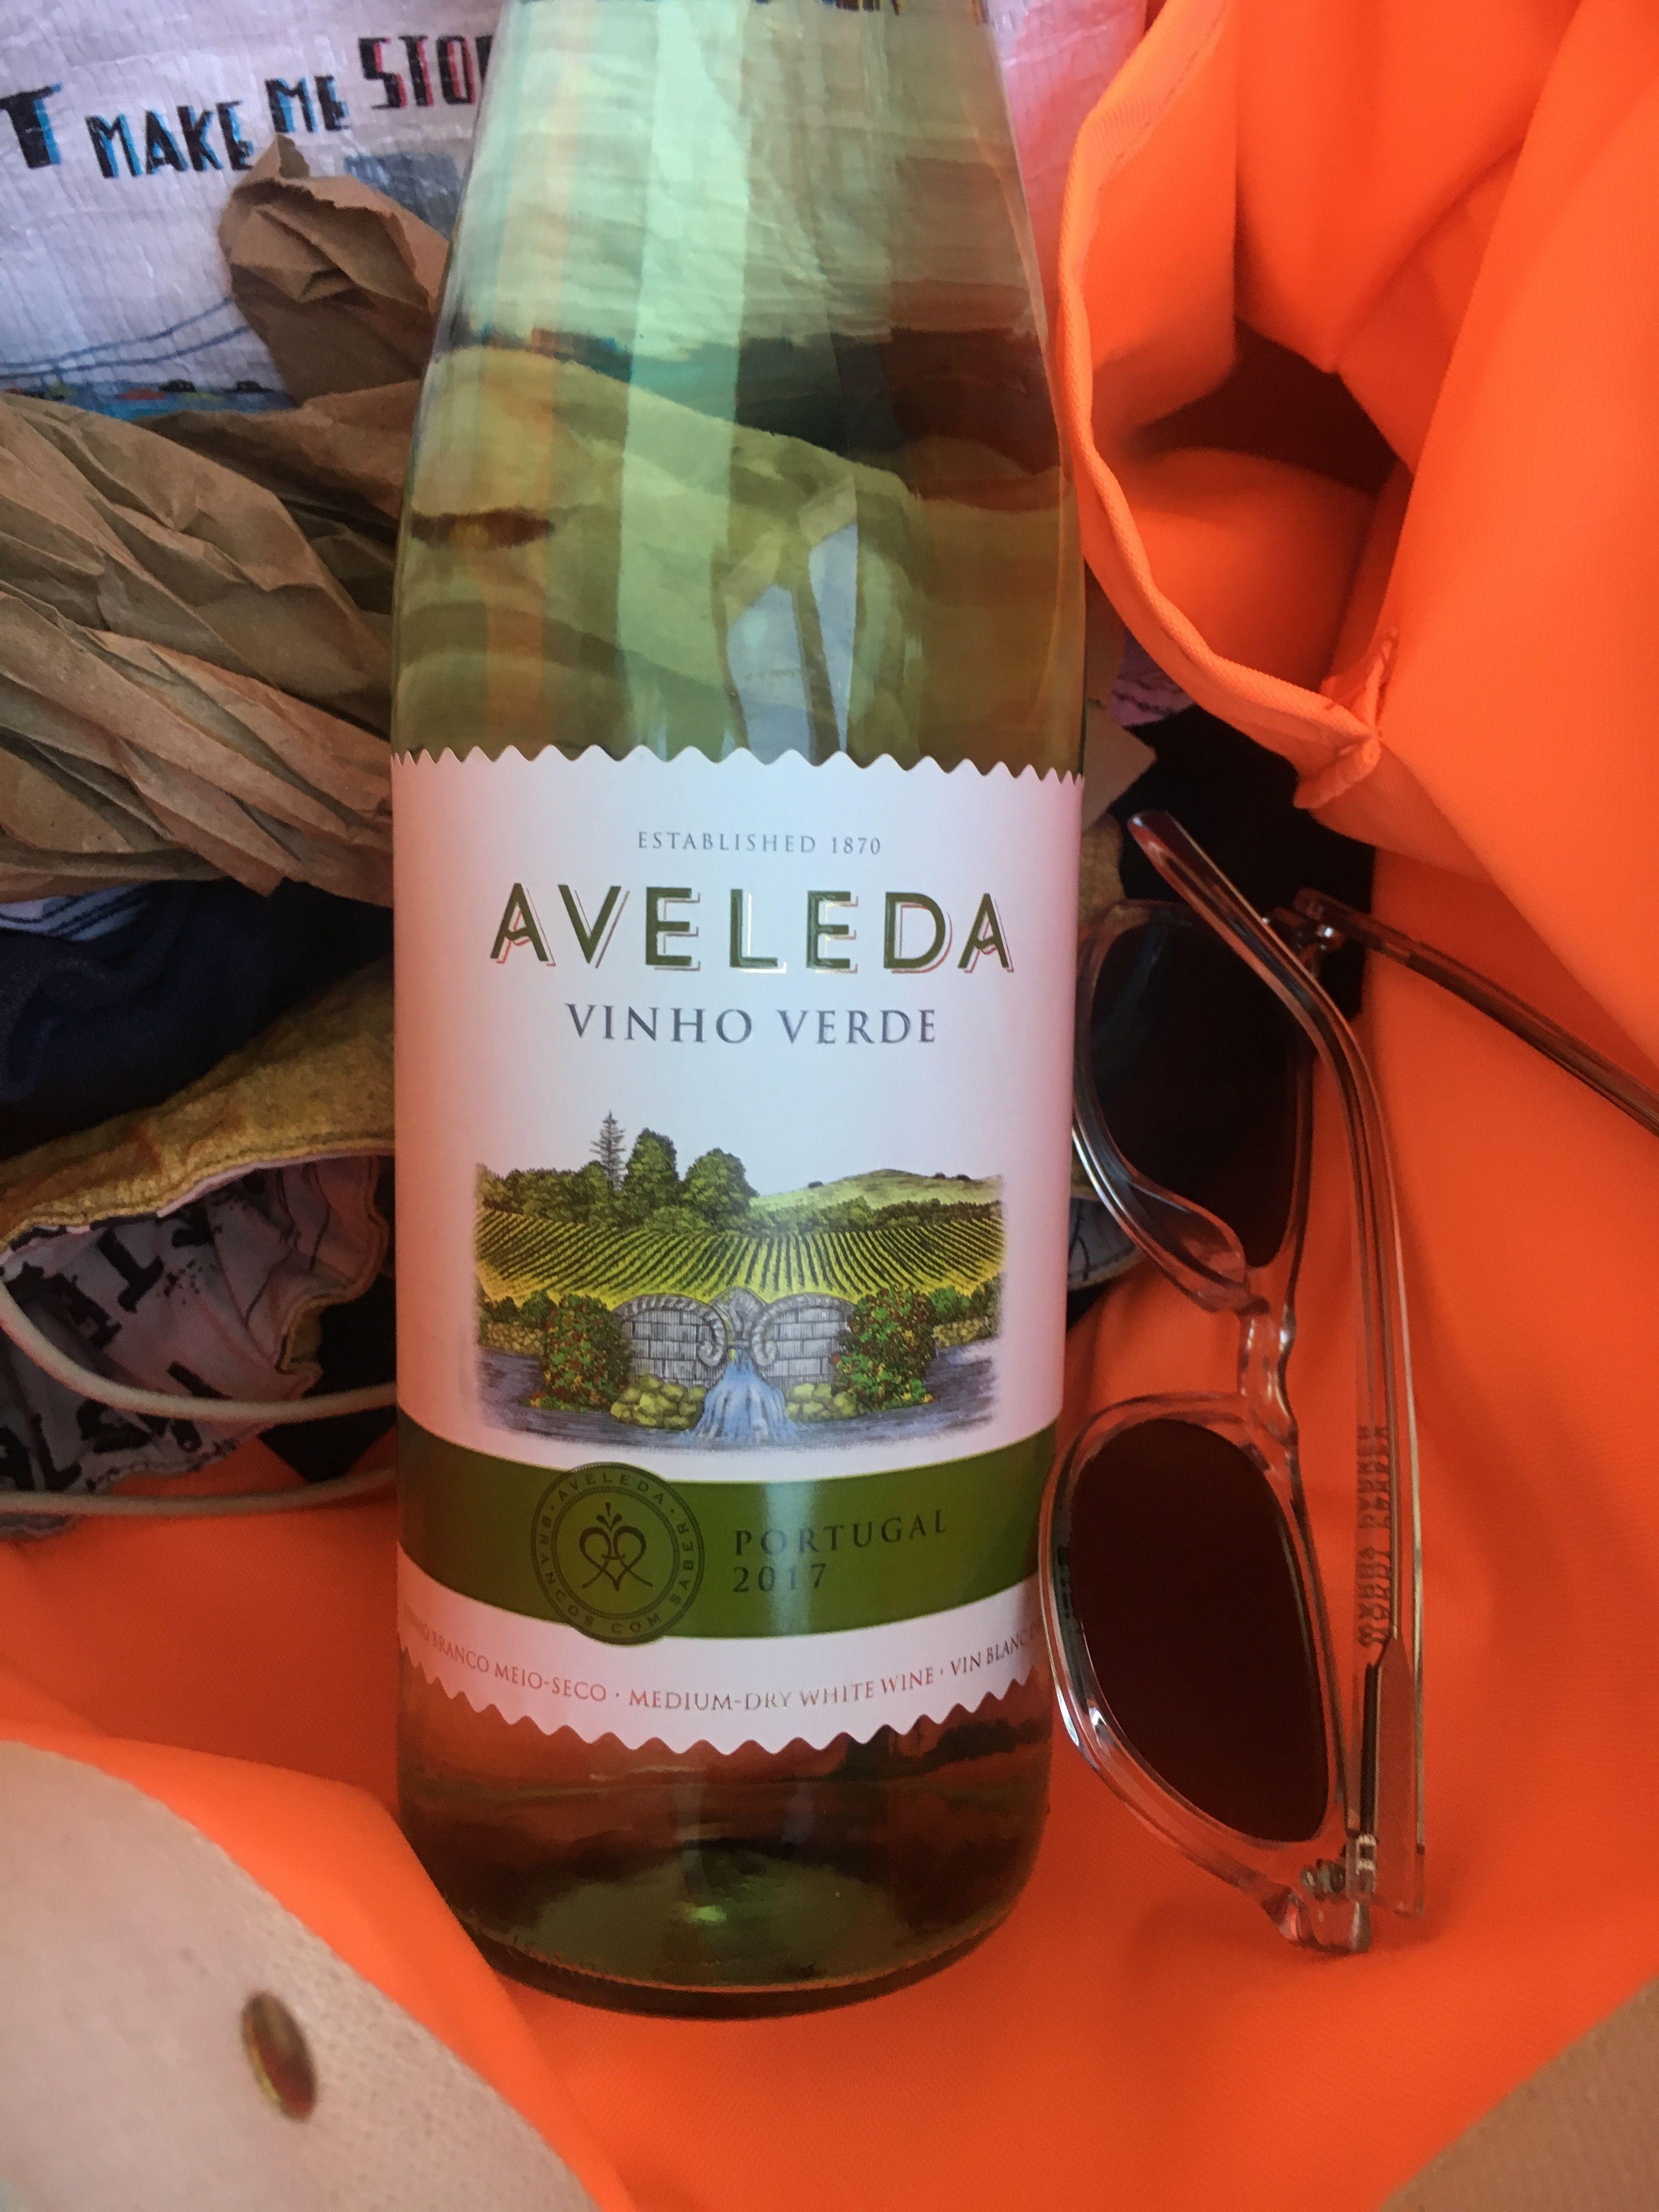 Pin By Harry Niemi On Wine Wine Bottle Bottle Wine